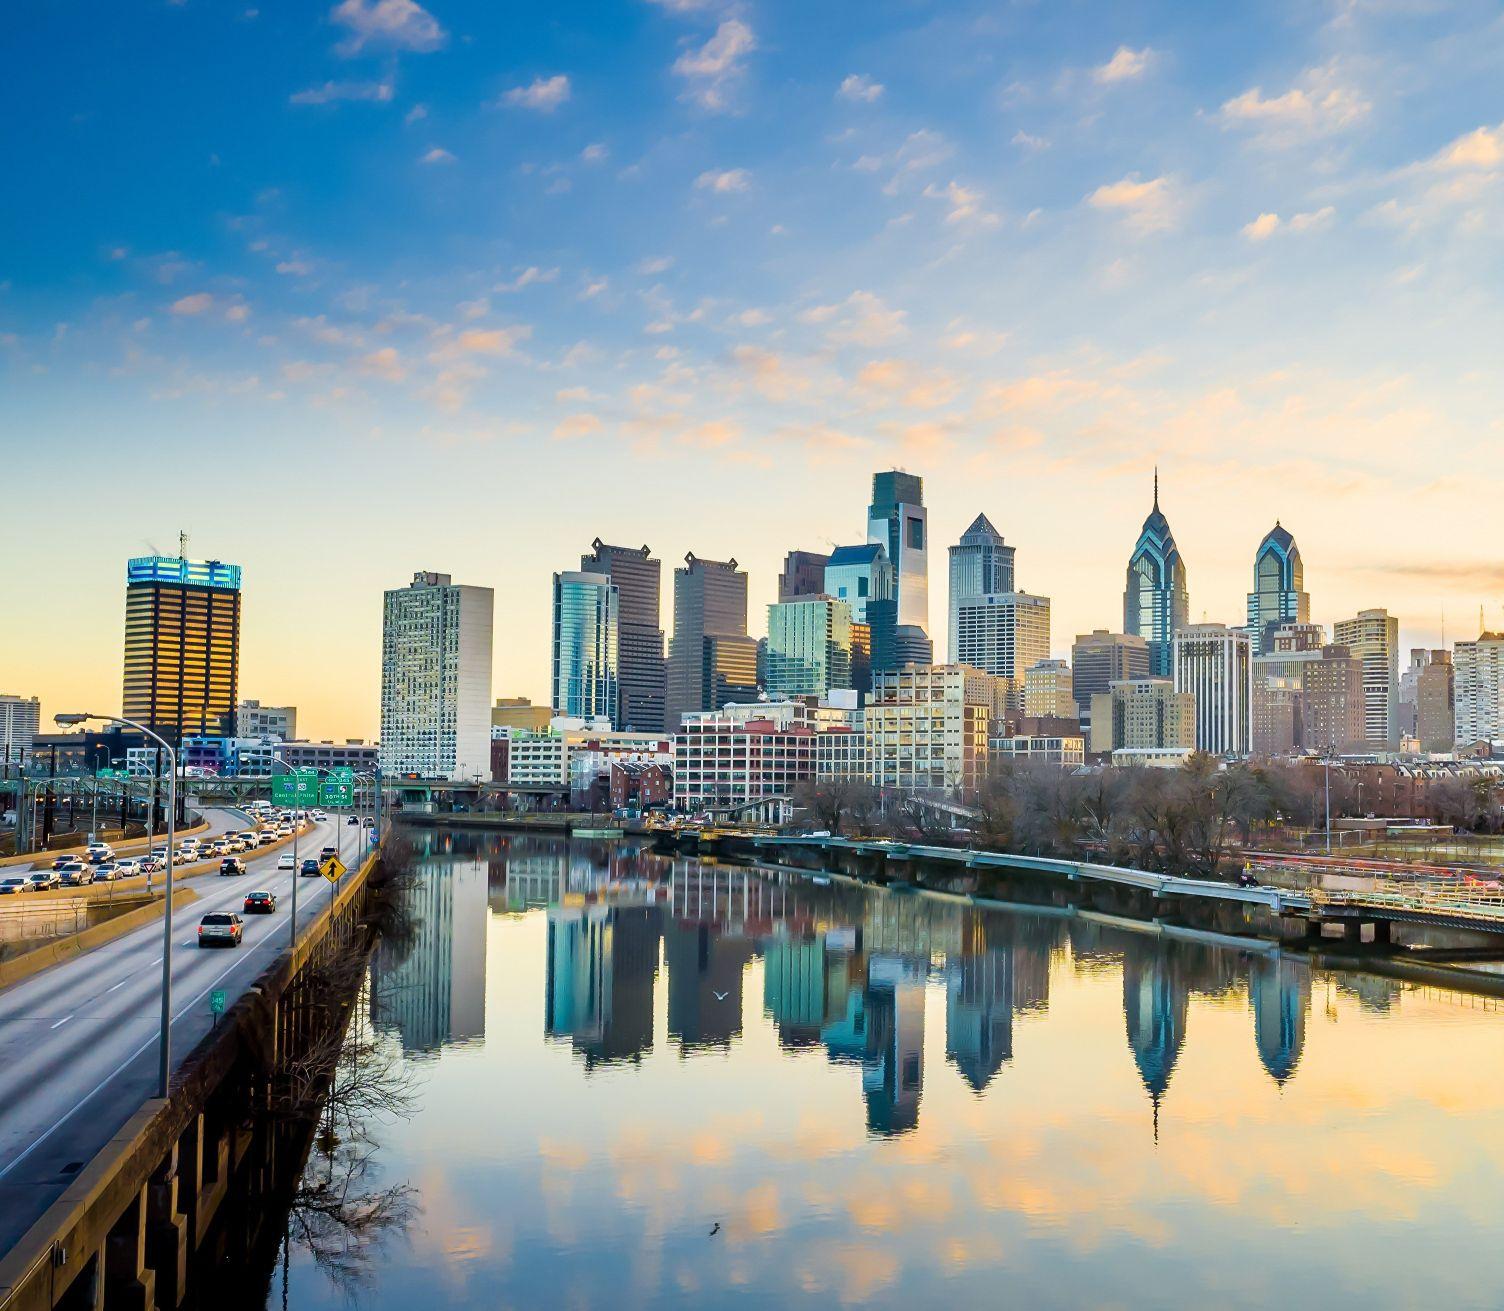 Flüge: Philadelphia / USA (Sept-Juni) Nonstop Hin- und Rückflug mit LH/United ab 297€ / mit Zubringer ab 258€